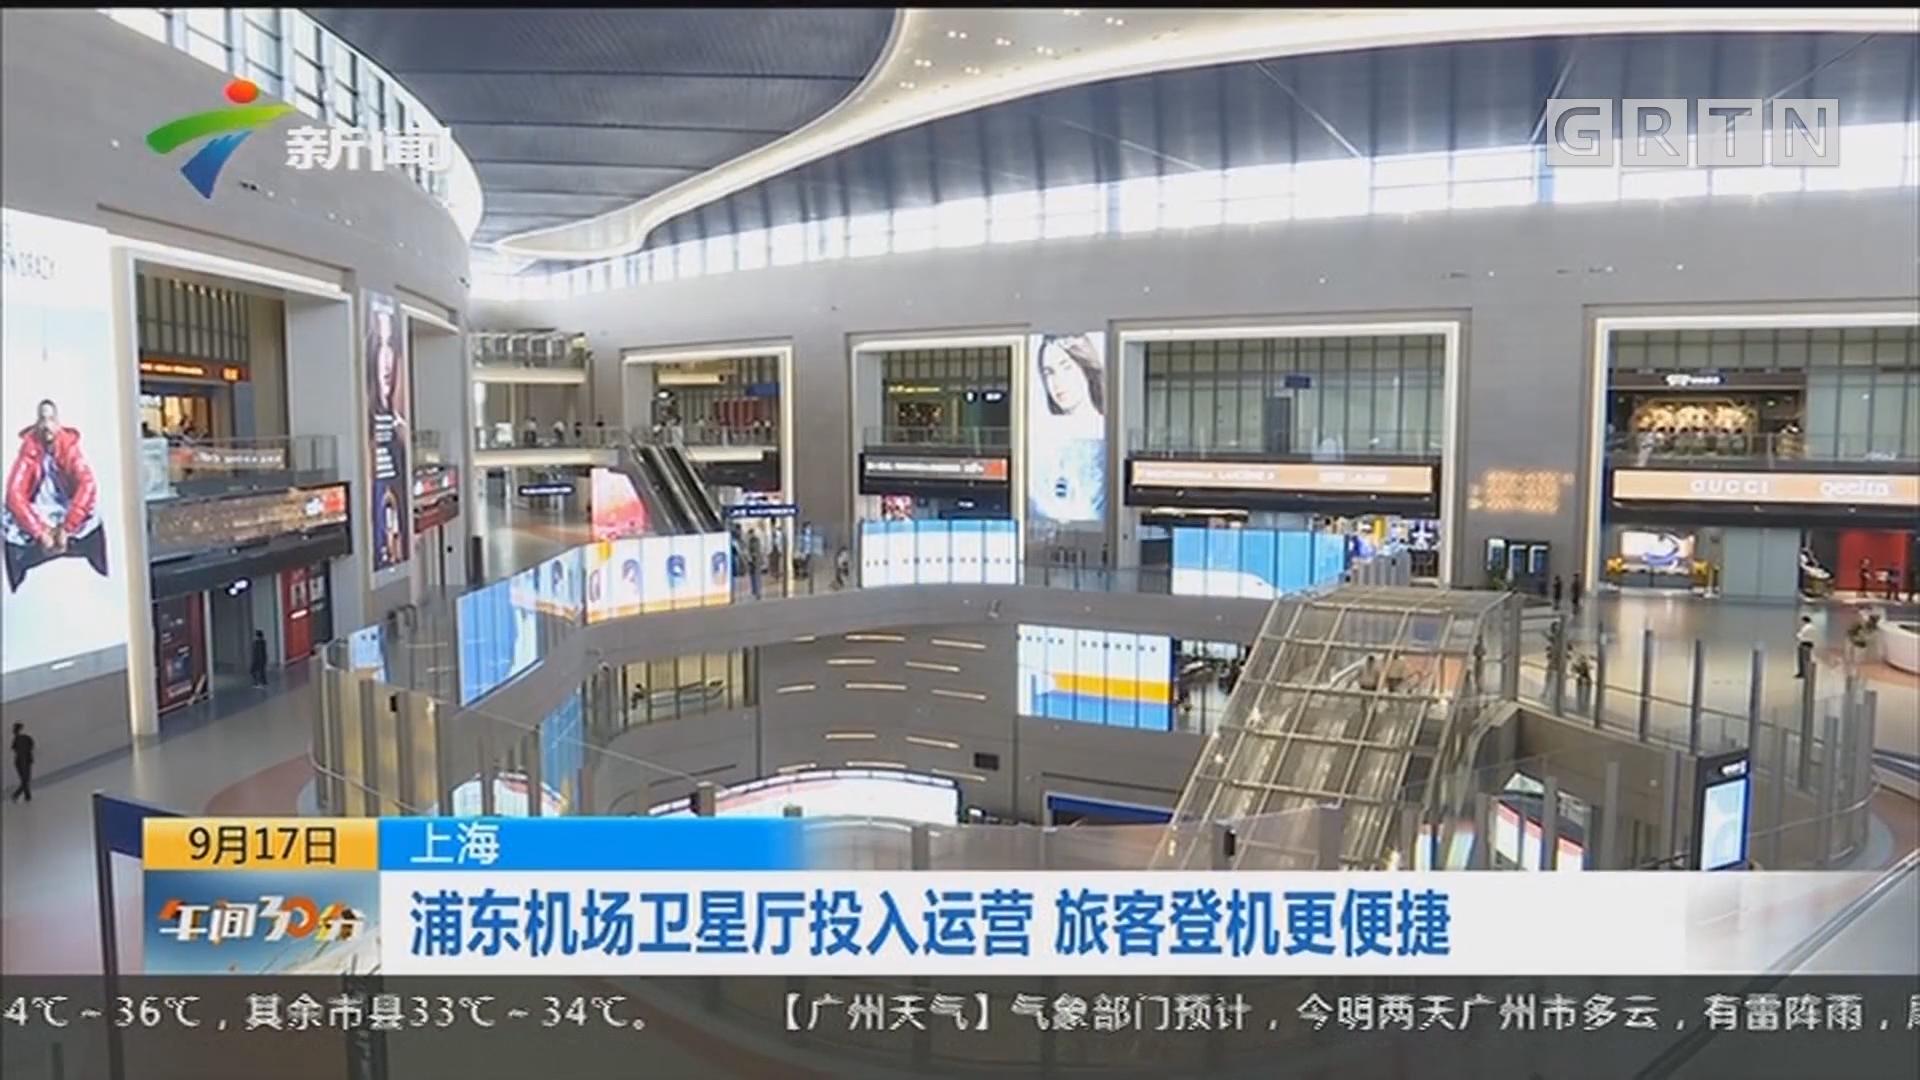 上海:浦东机场卫星厅投入运营 旅客登机更便捷